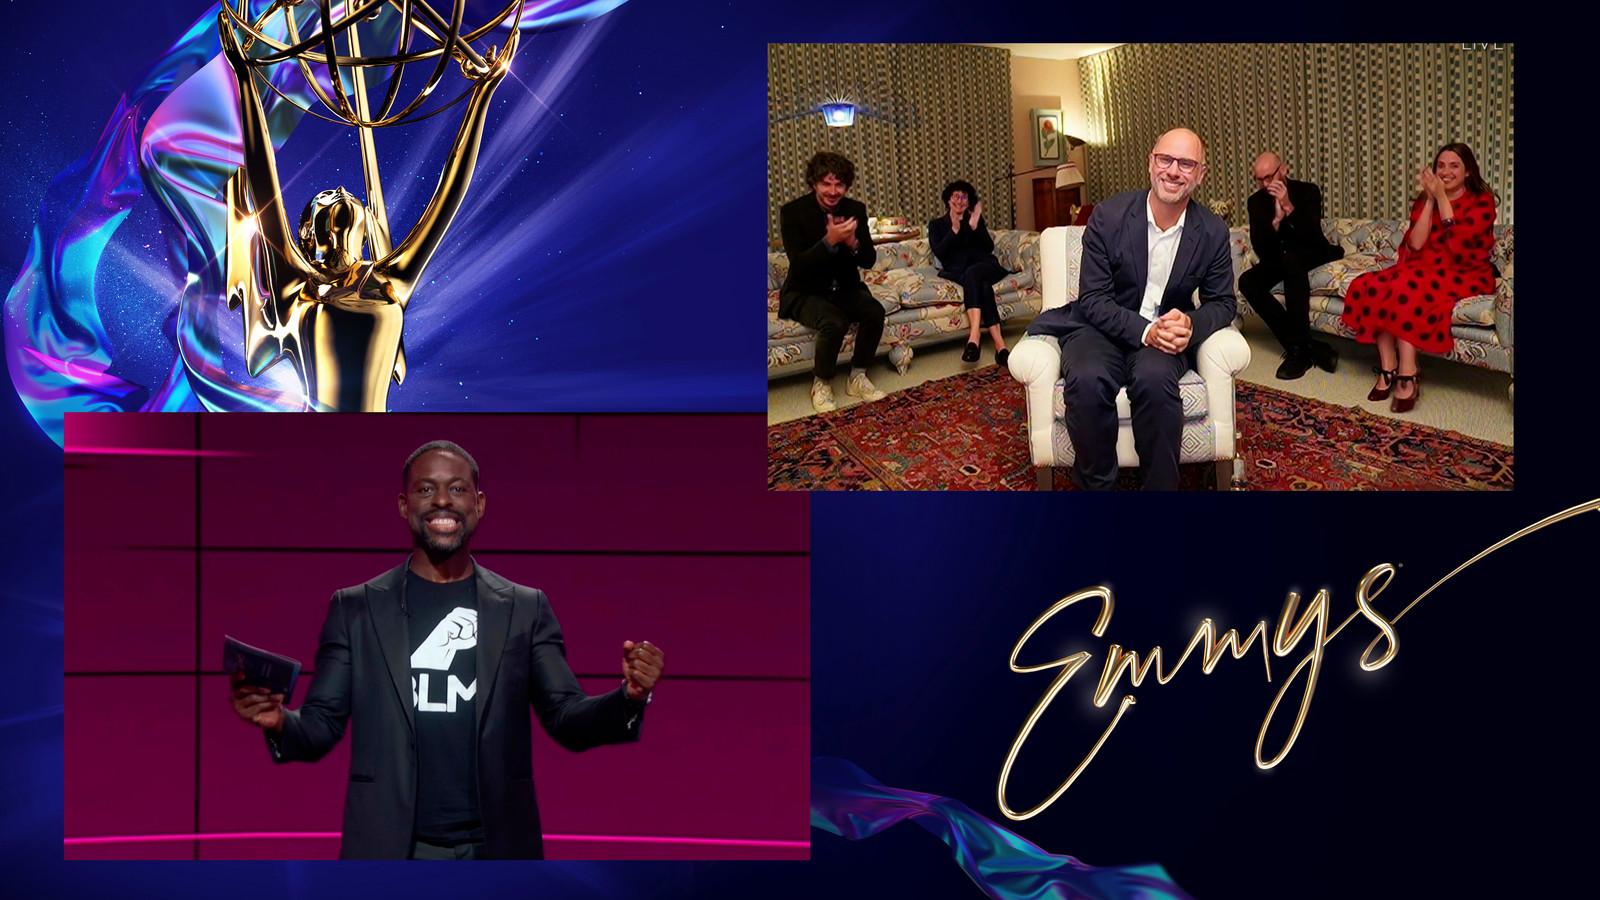 Sterling K. Brown geeft virtueel de Emmy voor Outstanding Drama Series aan Jesse Armstrong en het team van Succession